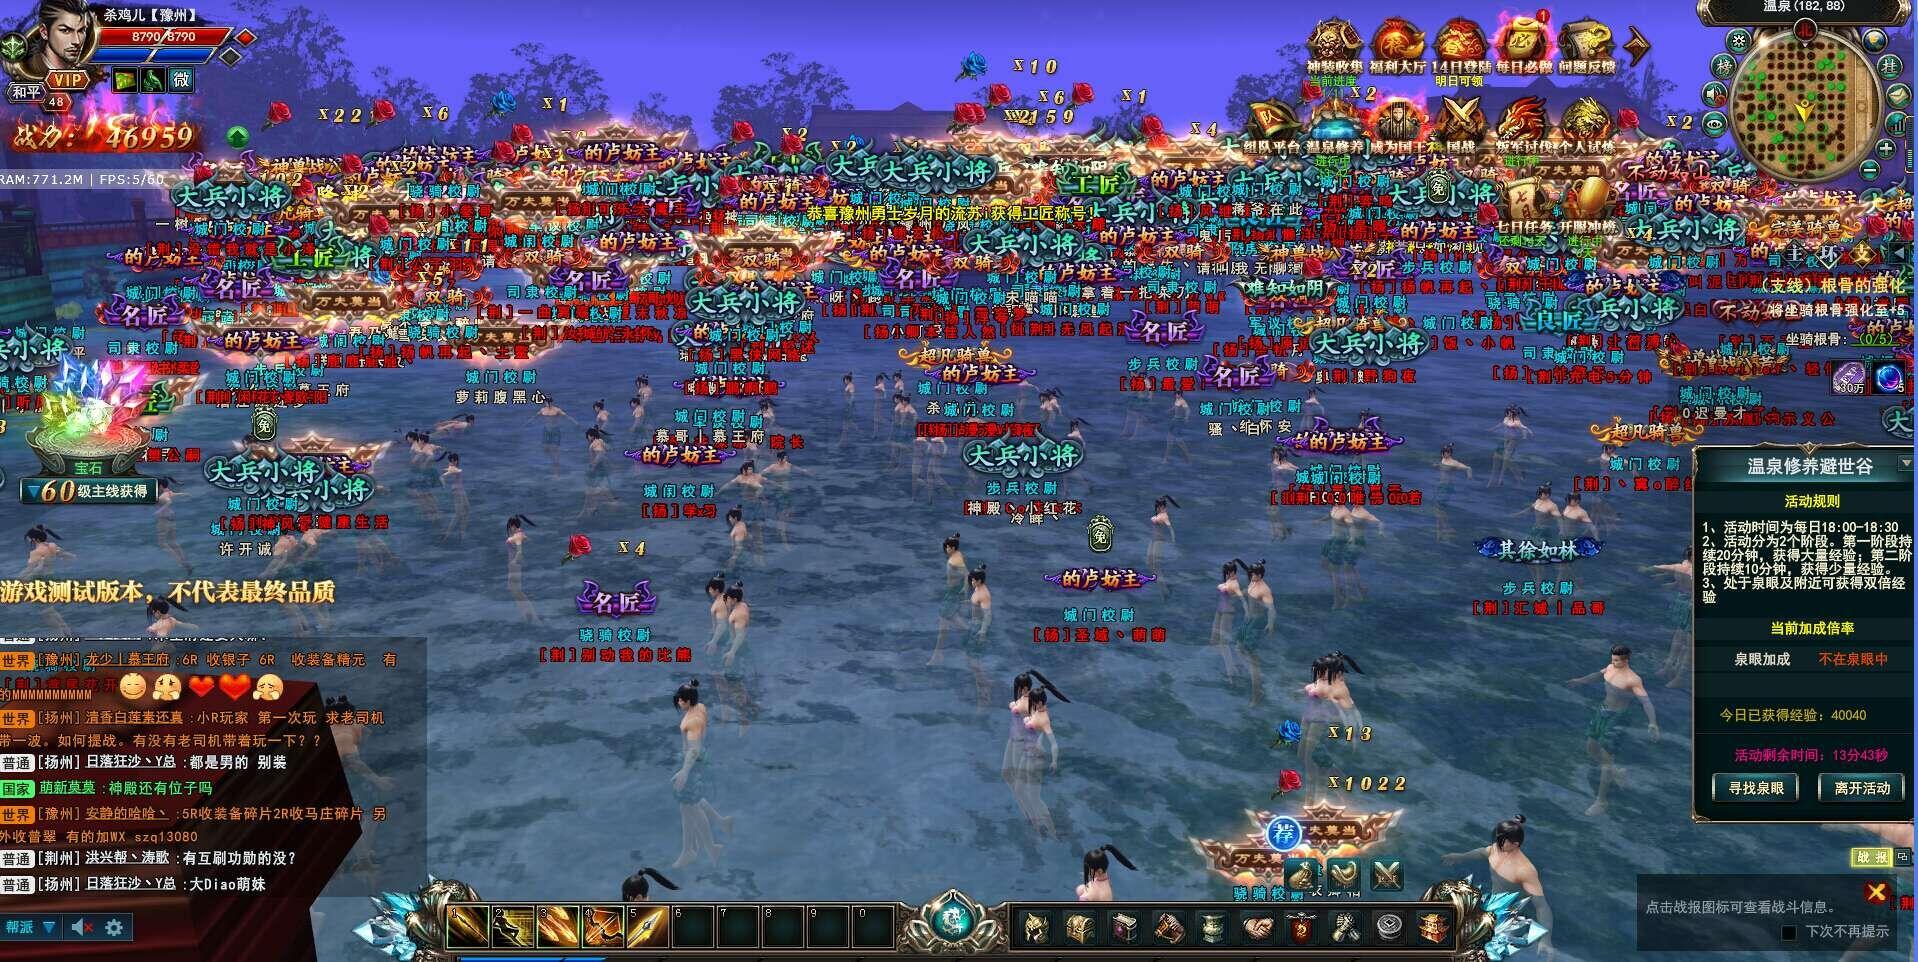 《御龙在天美人版》游戏截图